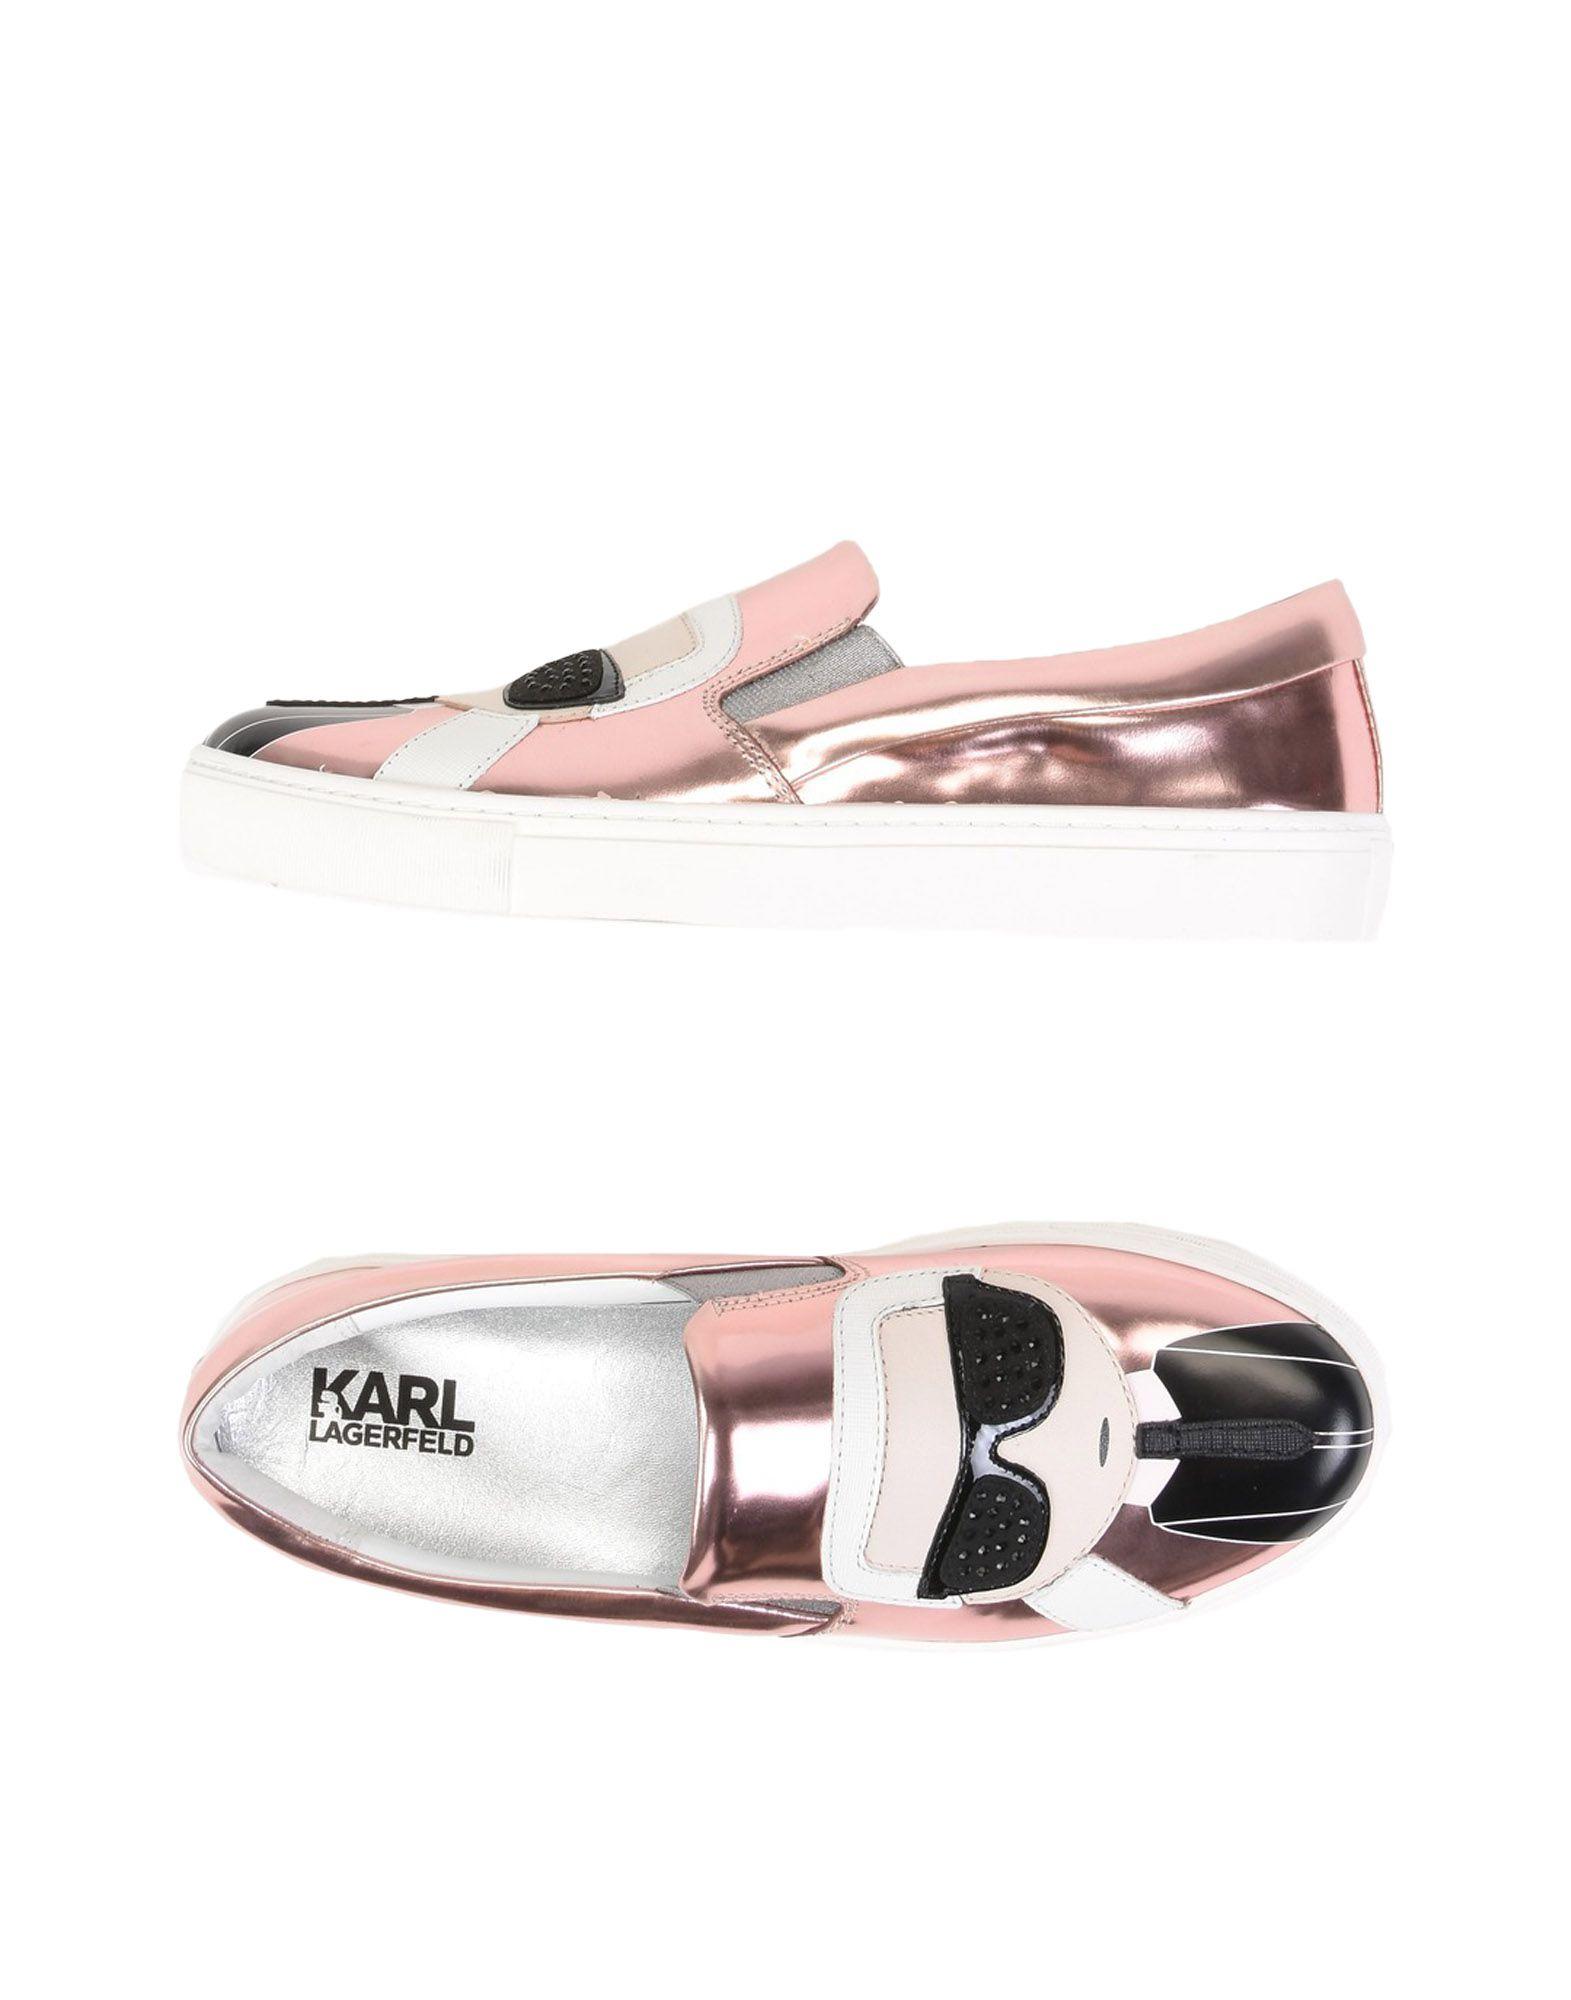 Karl Lagerfeld Sneakers - Women Karl  Lagerfeld Sneakers online on  Karl Canada - 11497417GM 3192fb